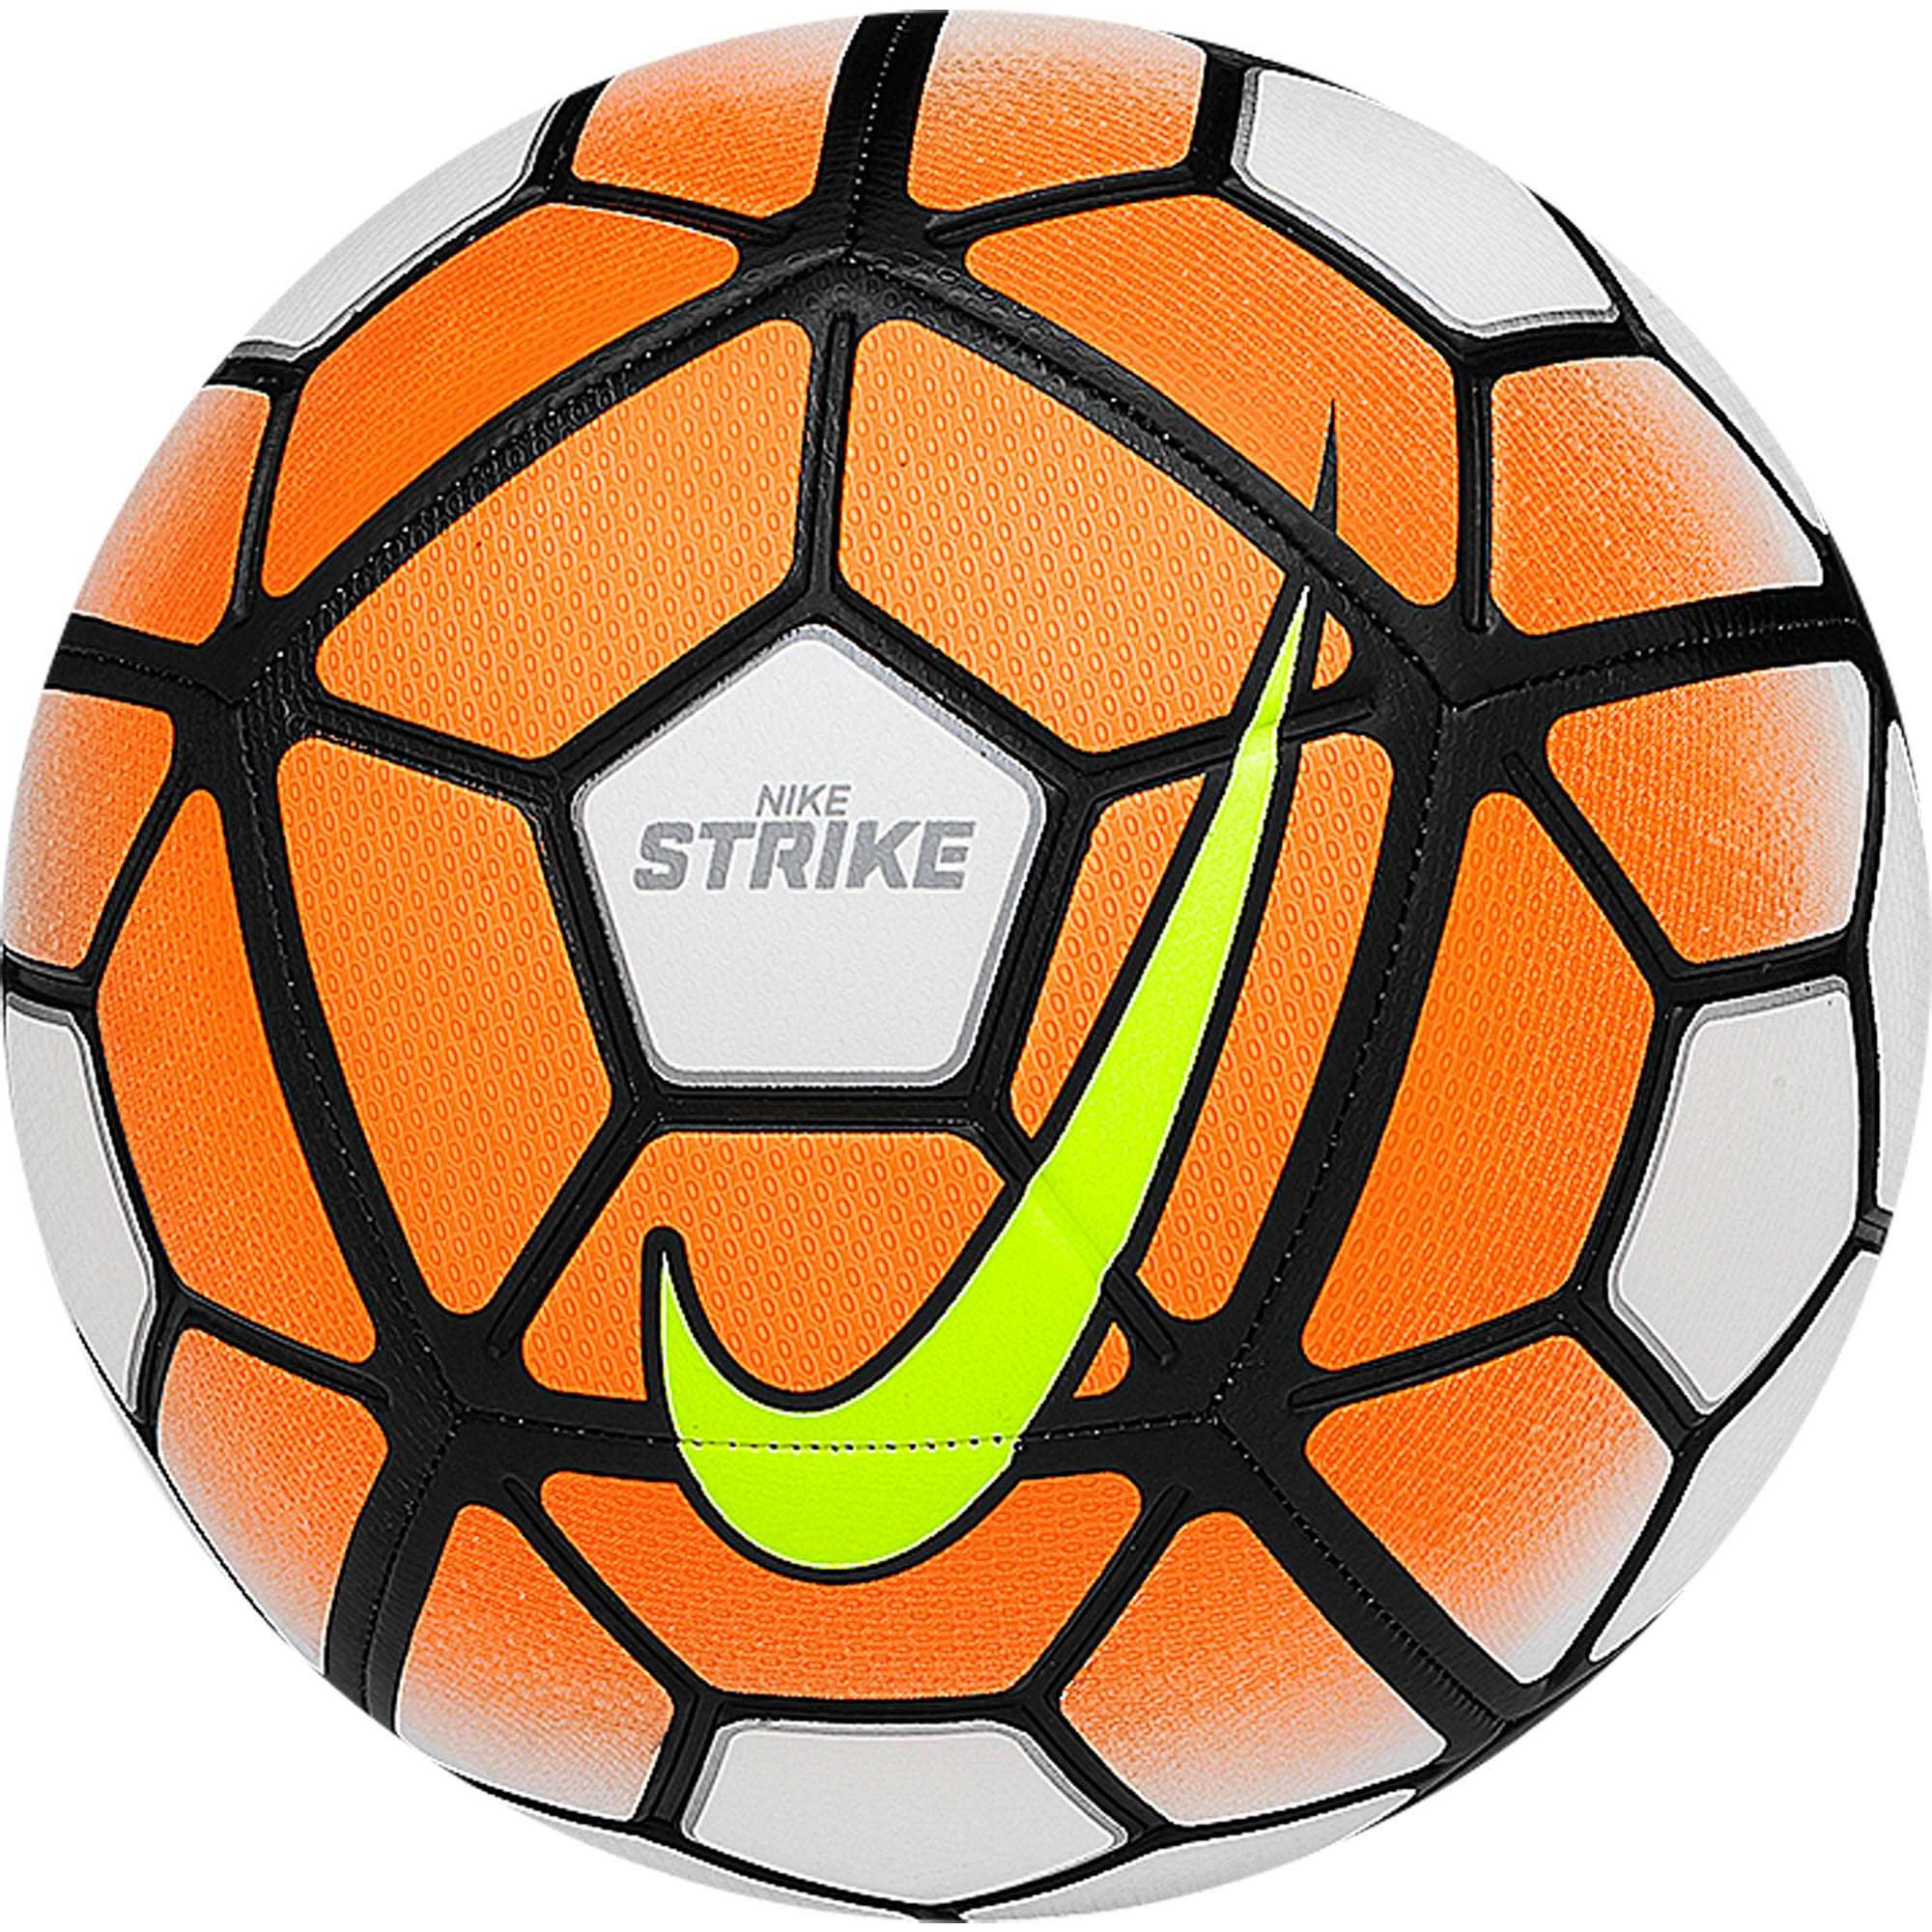 2000x2000 Nike Strike Gtgt Easy Returns Gtgt Orange Nike Soccer Balls